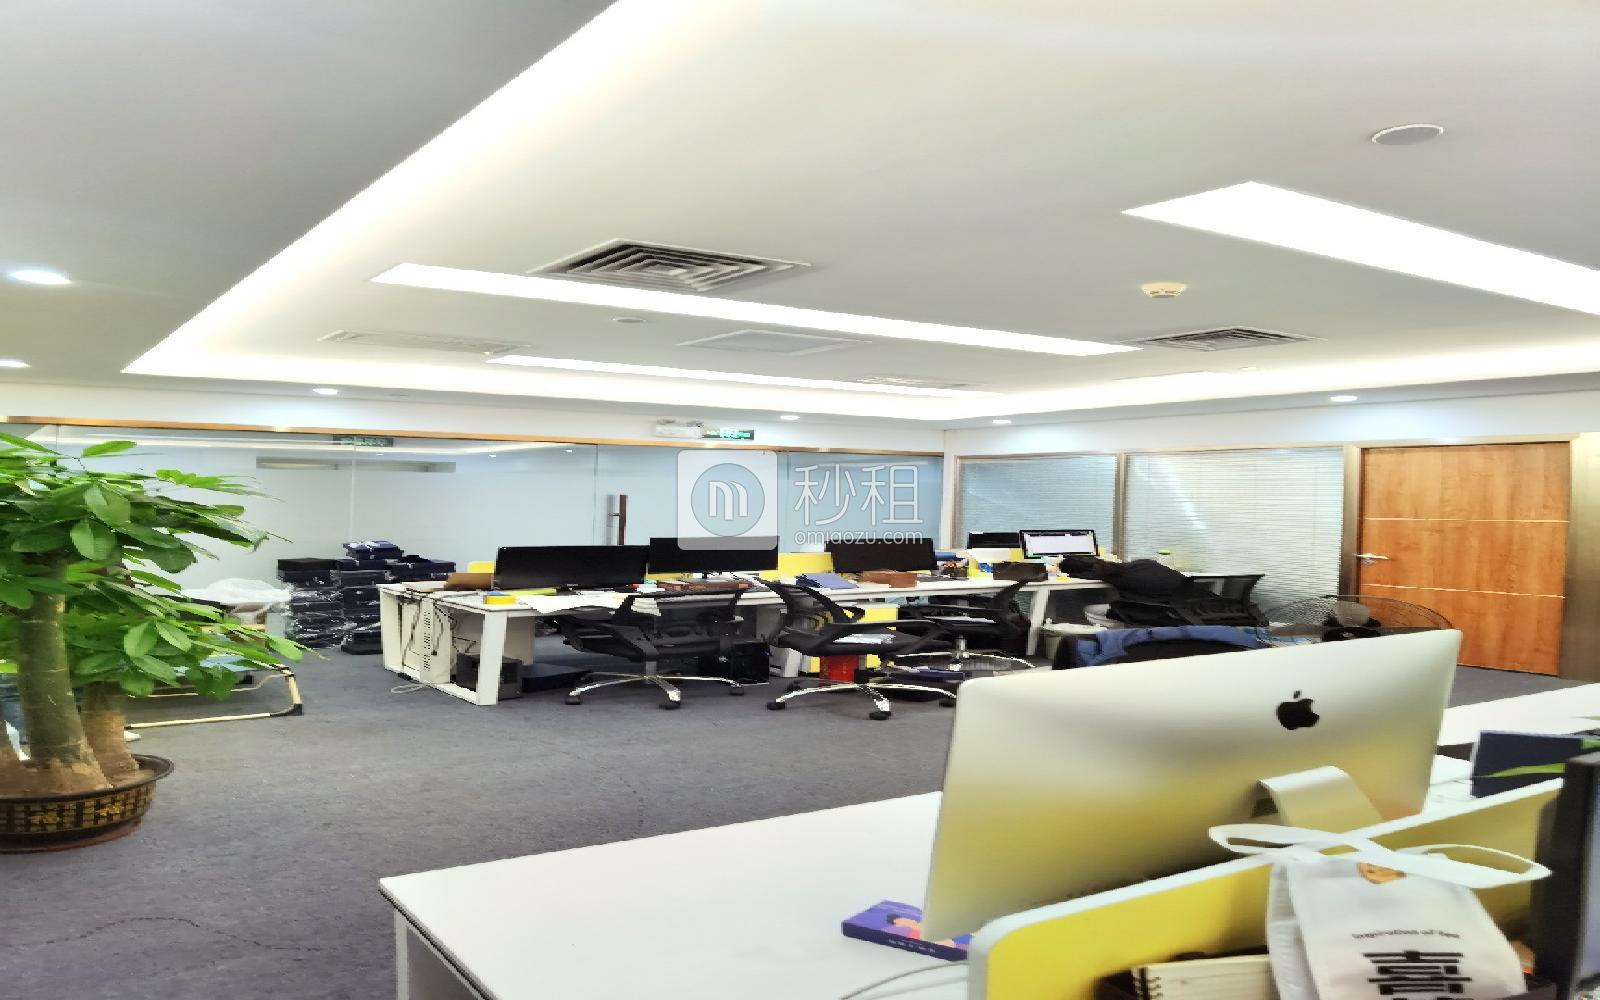 南山-西丽 凯达尔集团中心大厦 292m²